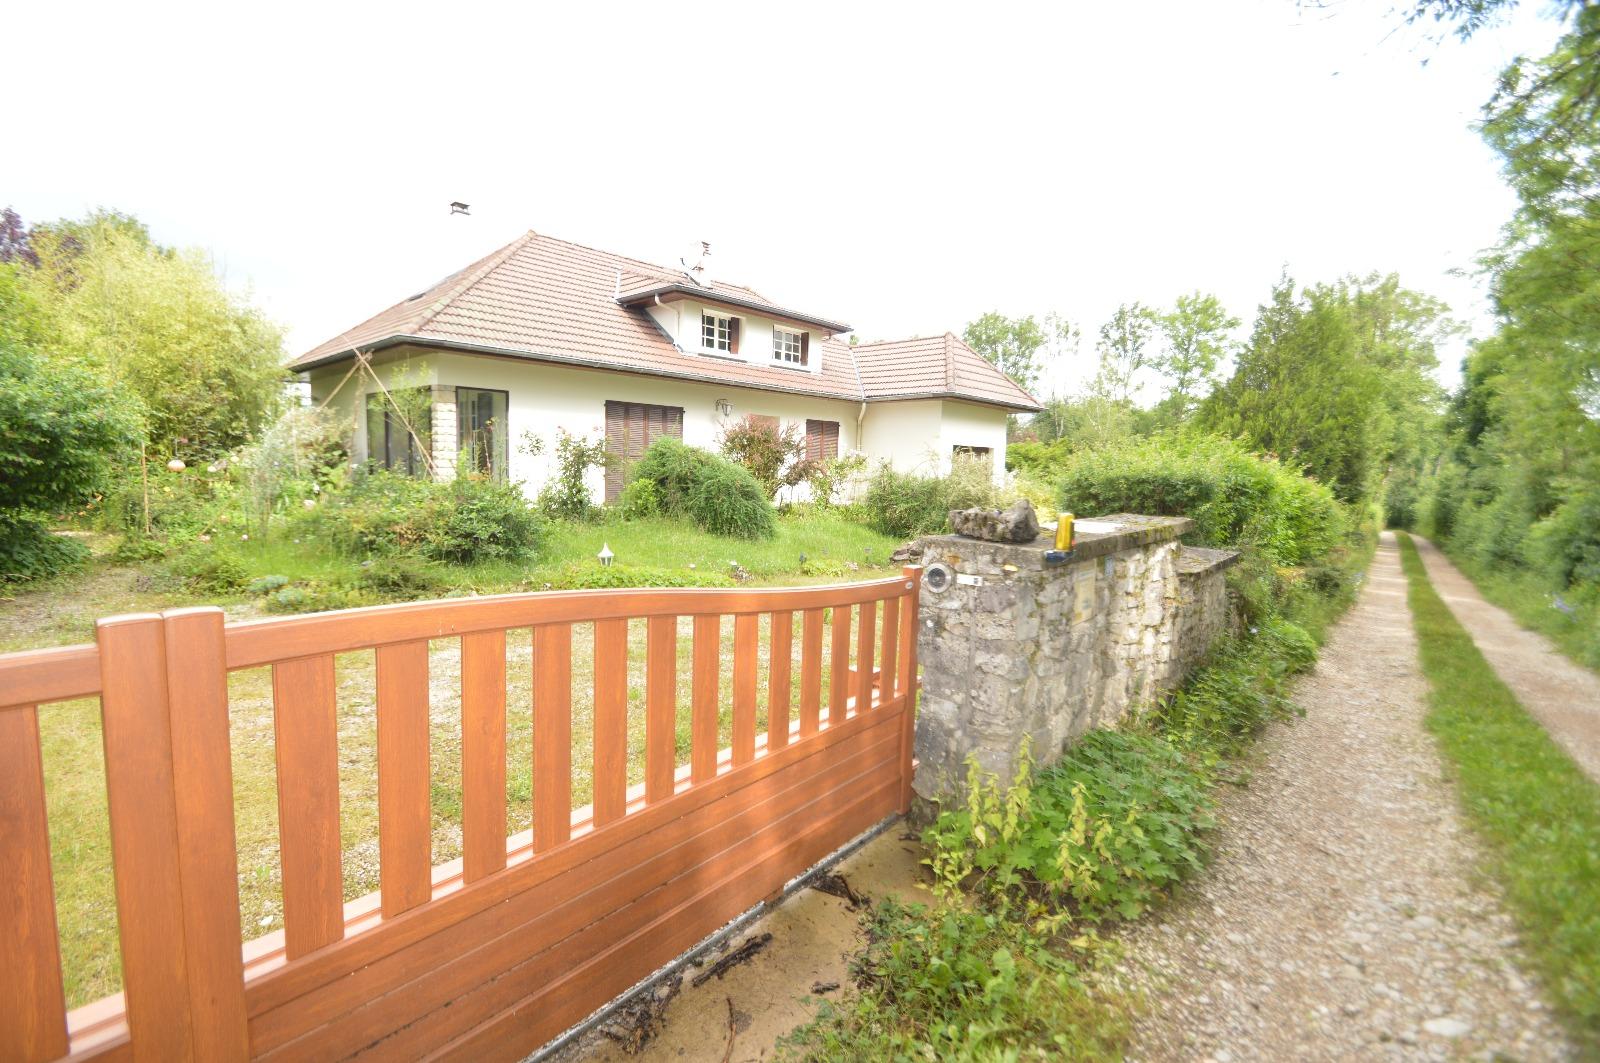 vente maison région des lacs jura